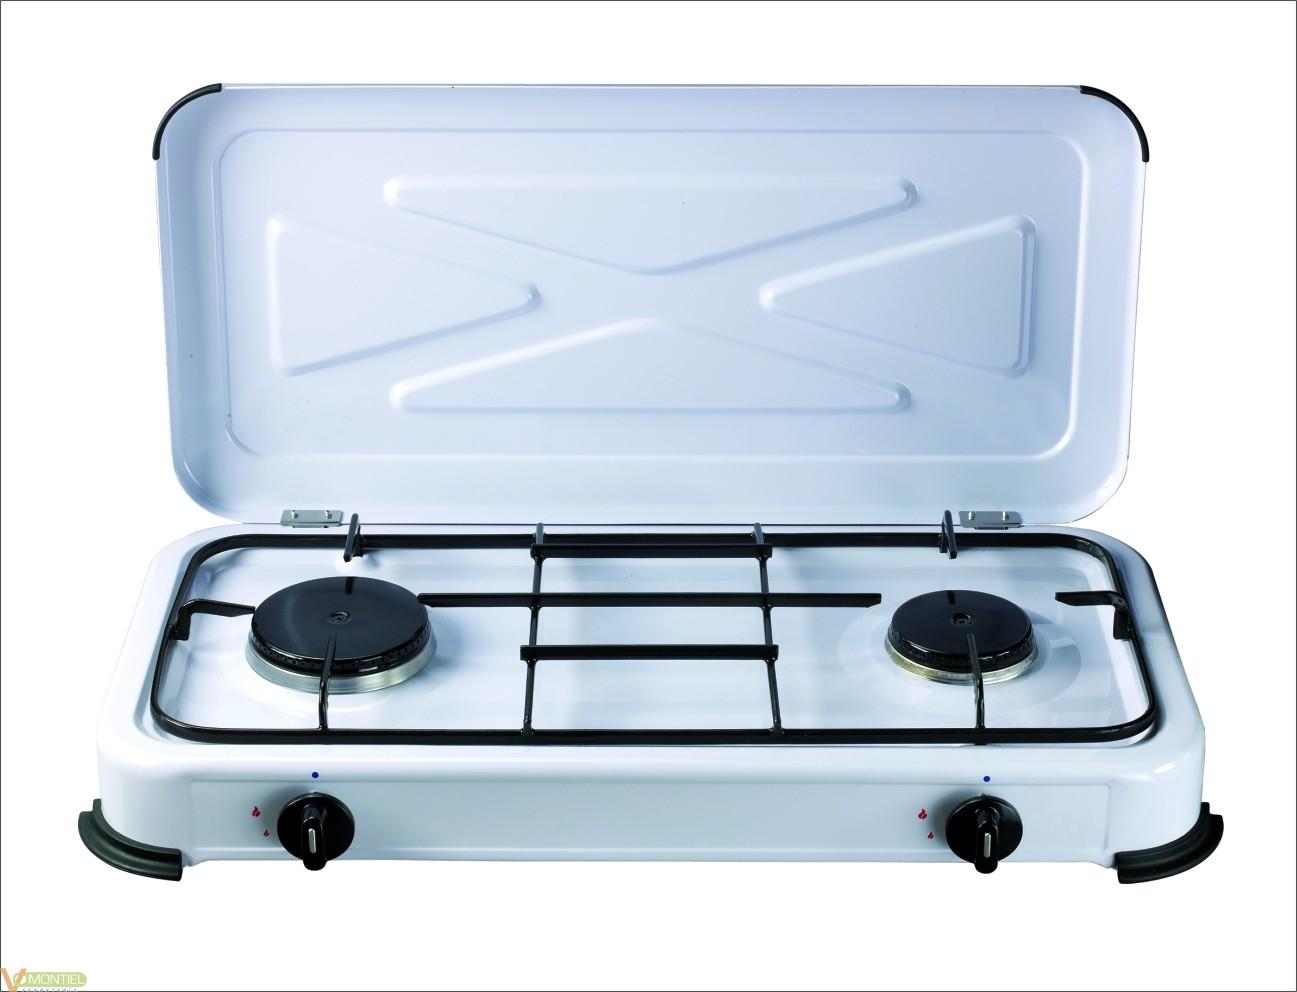 Cocina portatil a gas vivah vh-0